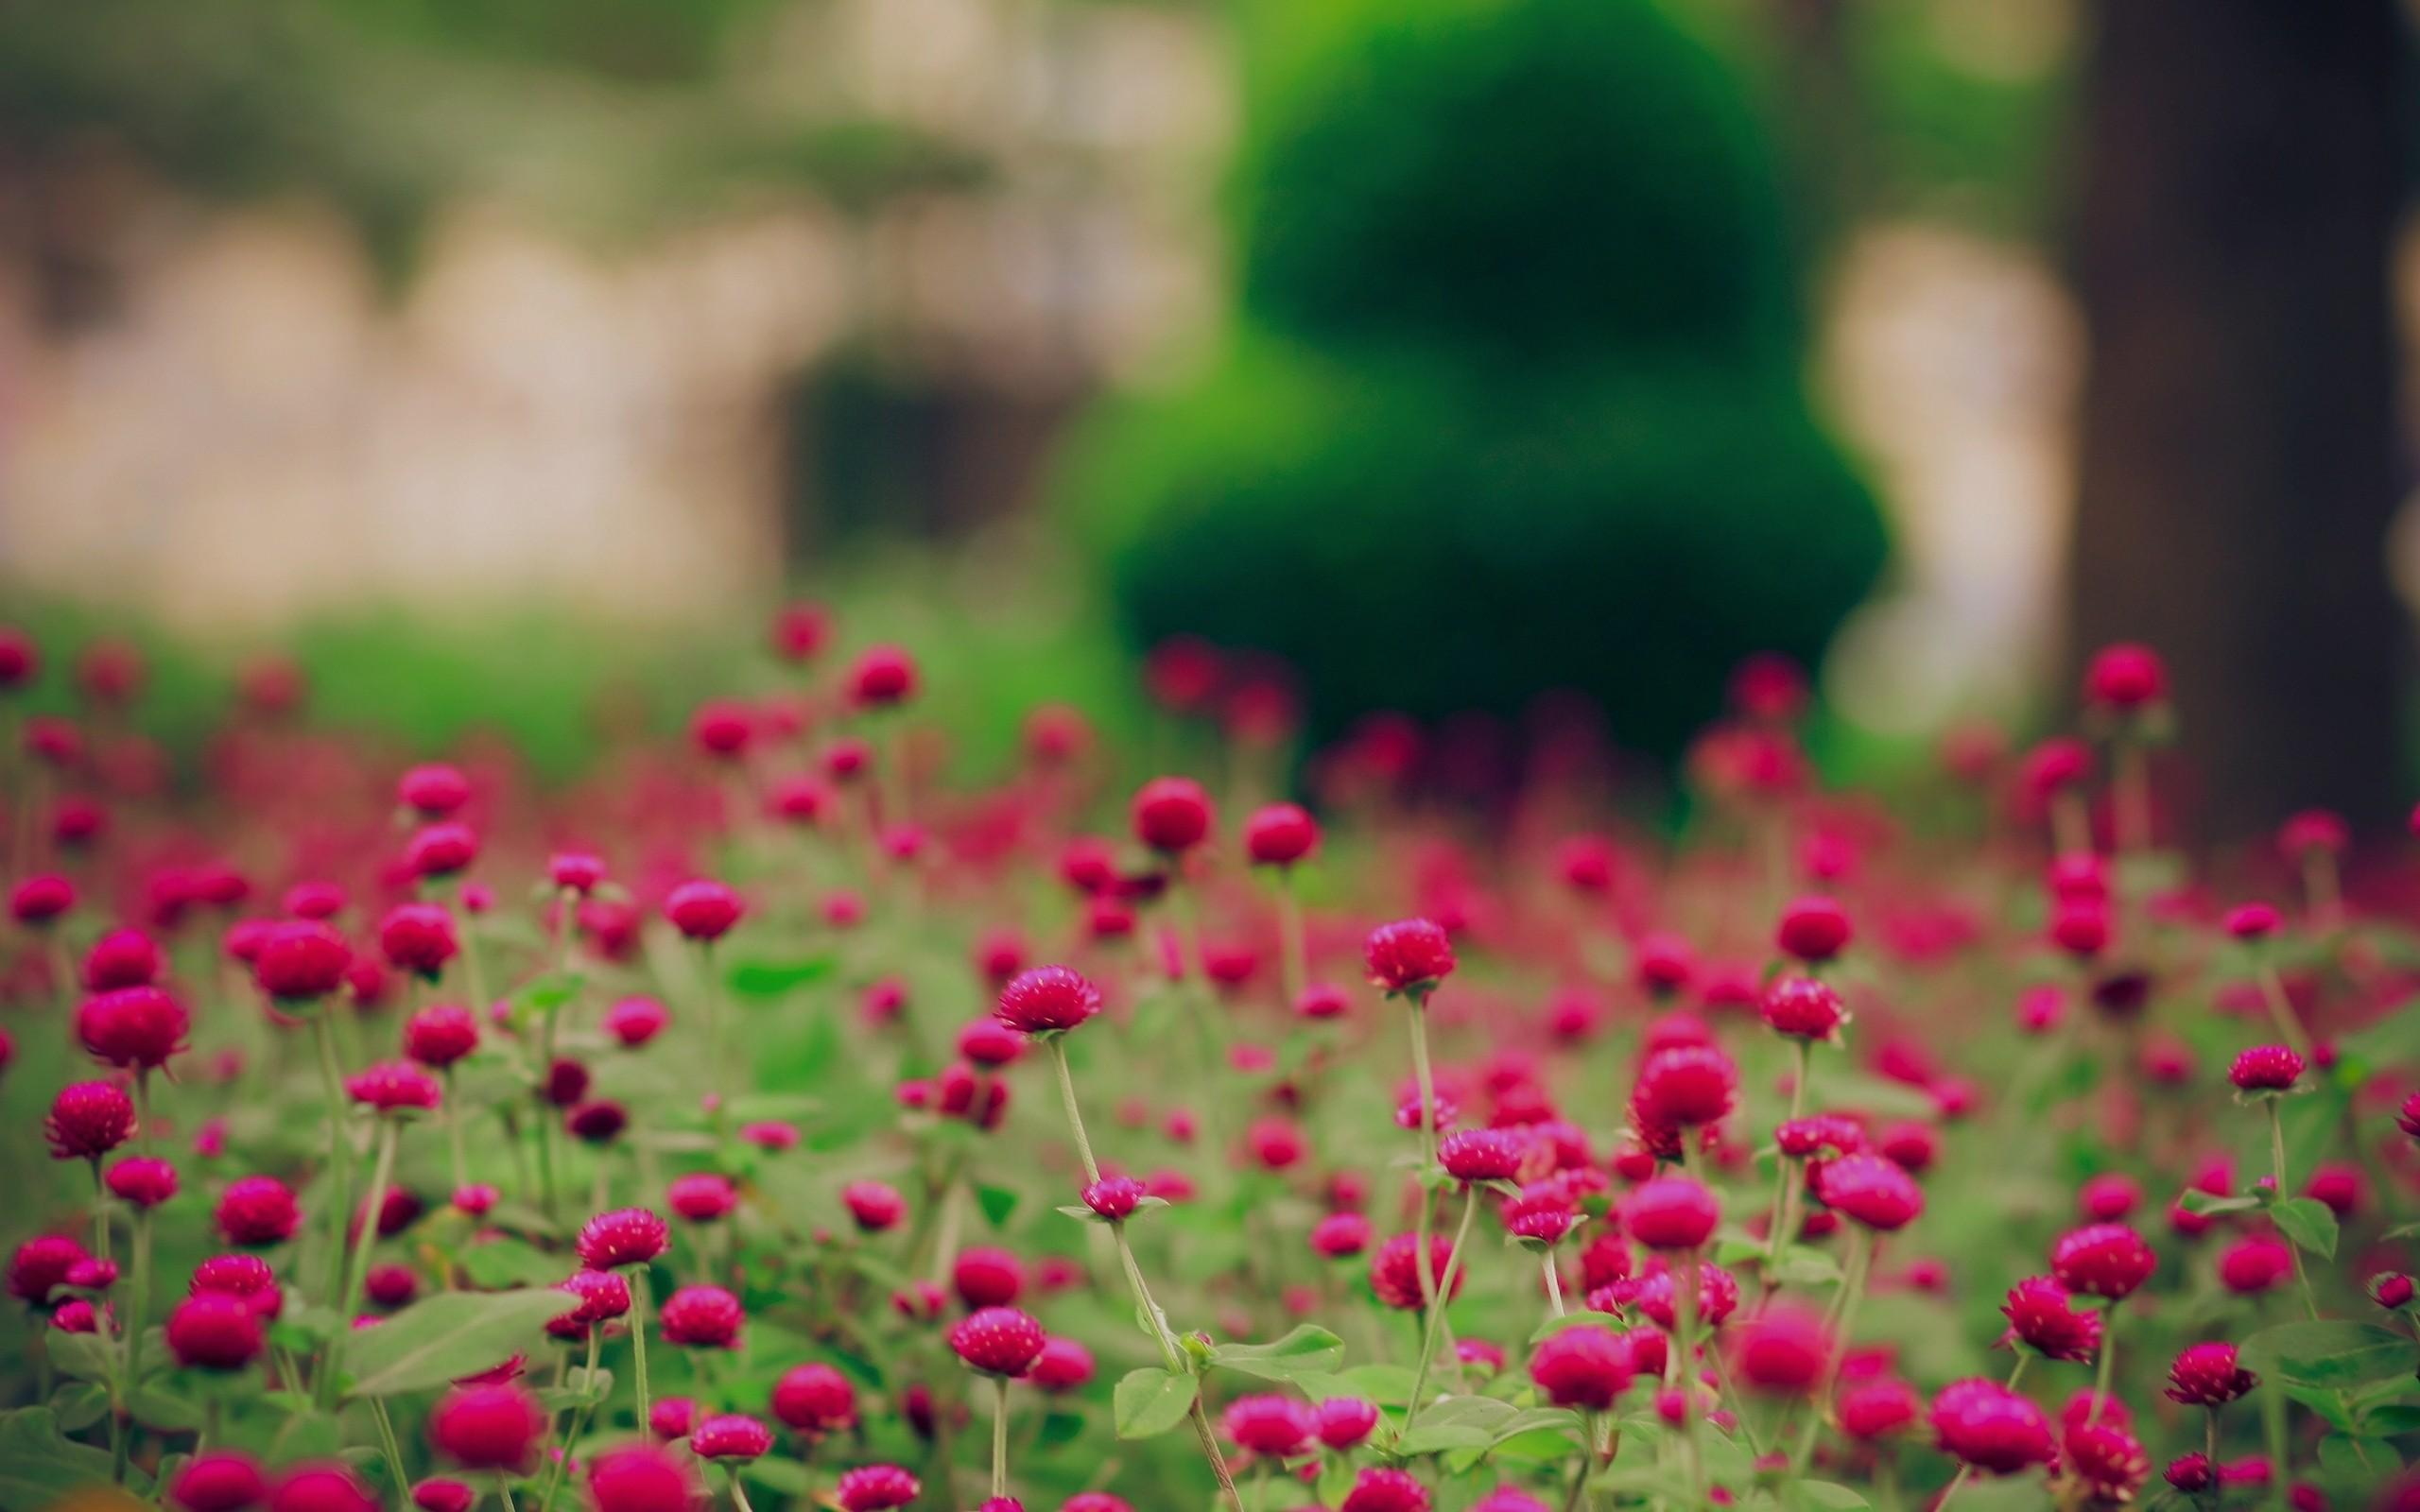 Цветы клевер  № 1341306 бесплатно